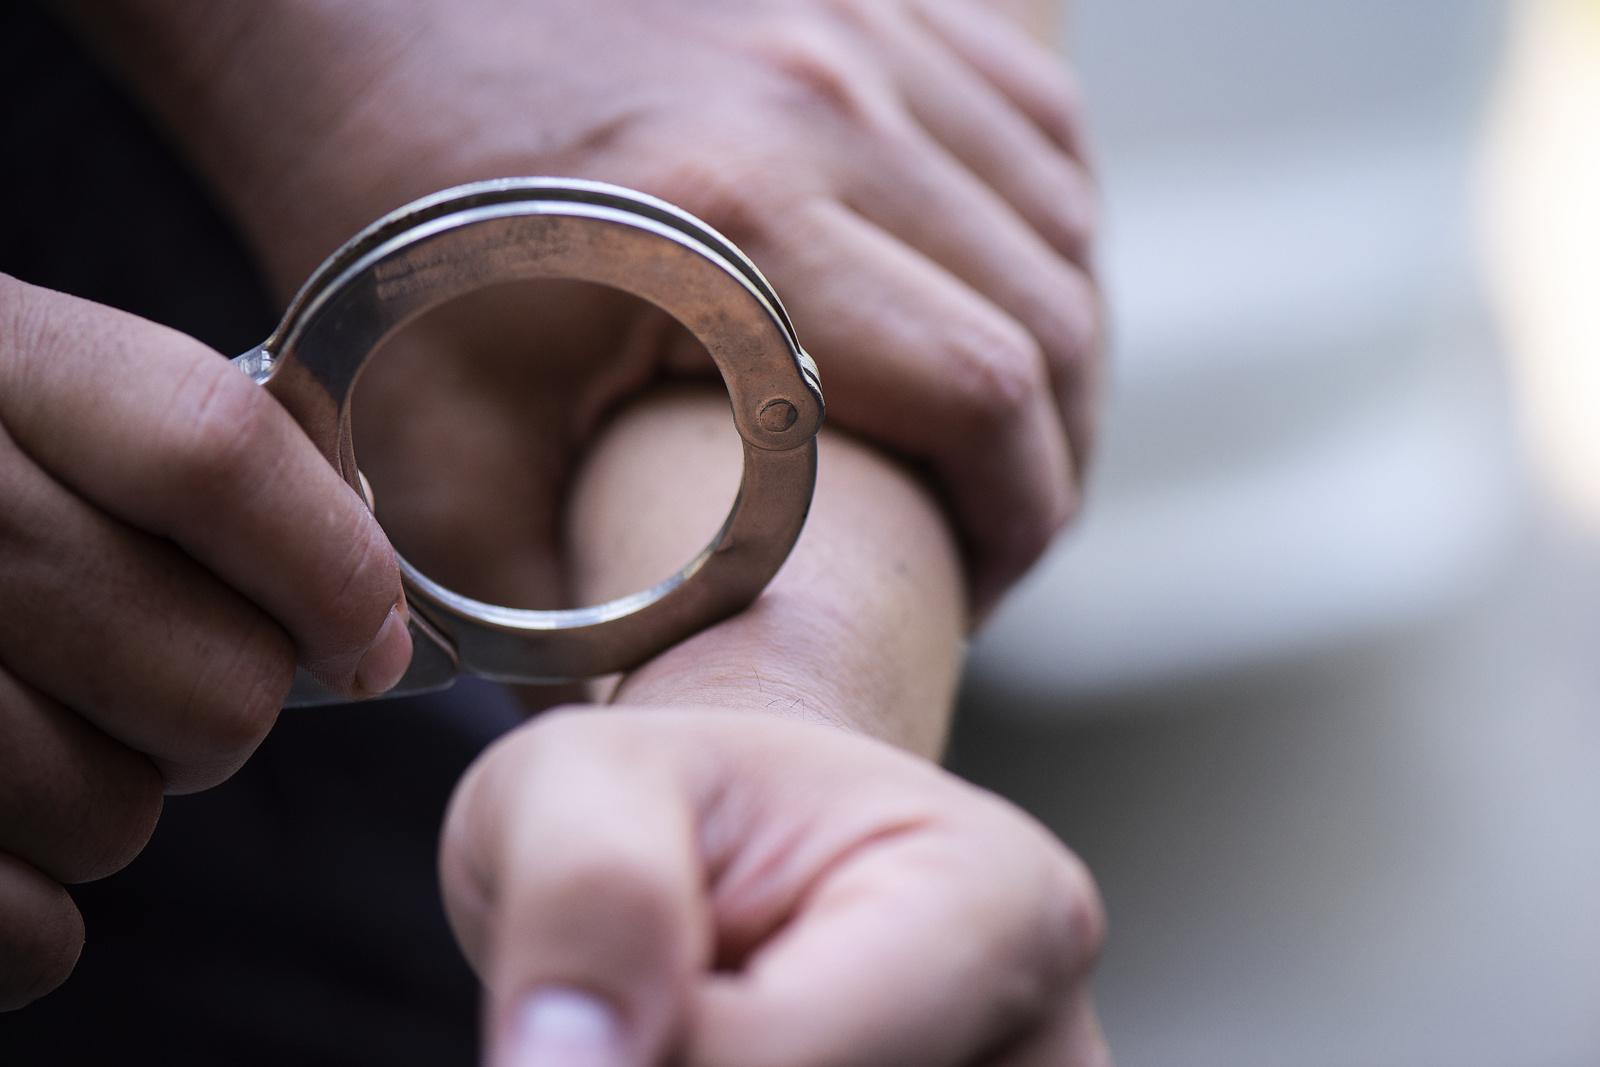 Teismas leido trims mėnesiams suimti policininkę peiliu sužaloti bandžiusį vyrą